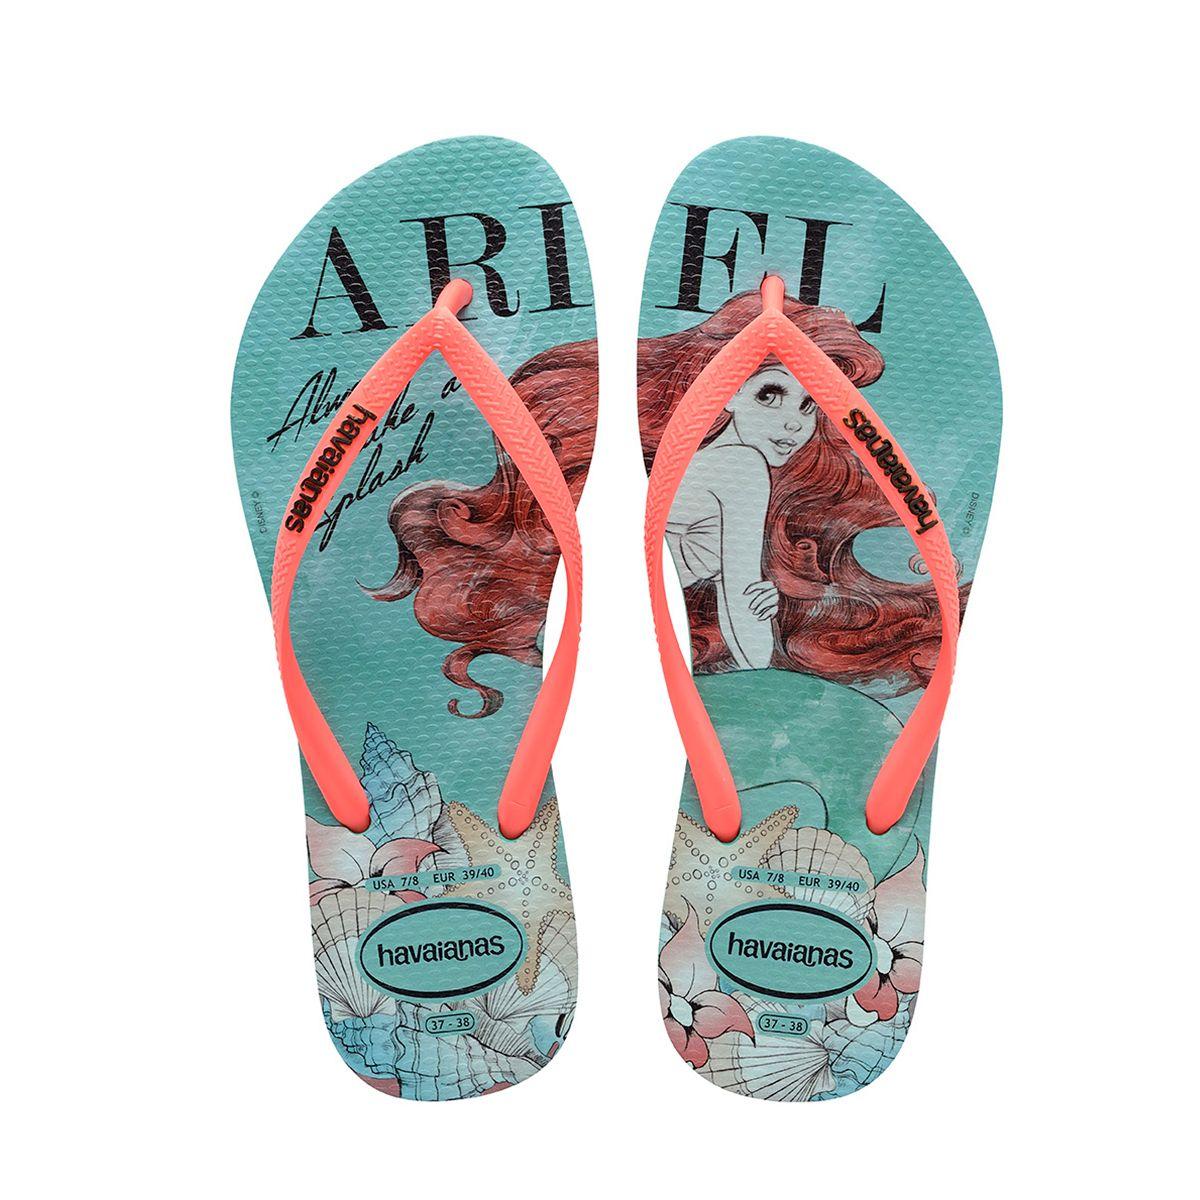 c483097d994 Women s Ariel Flip Flops- Disney Princess Sandals for Adults ...